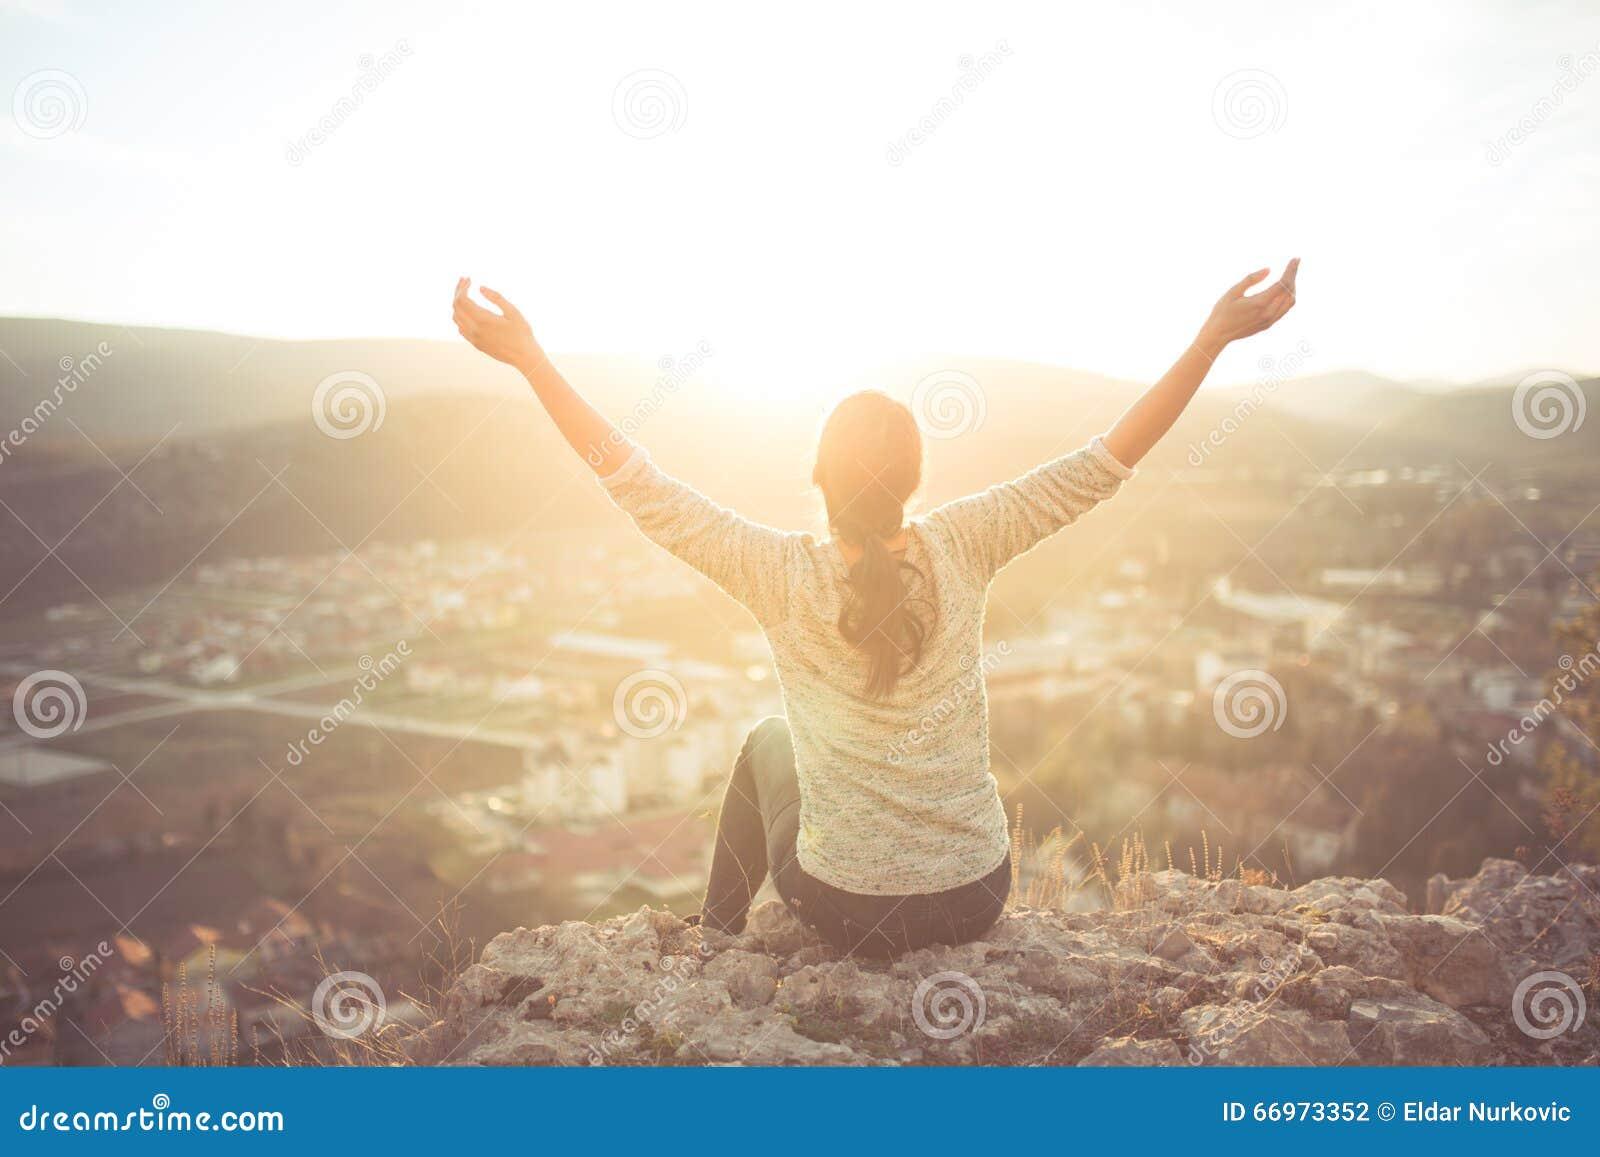 无忧无虑的愉快的妇女在山享用太阳的边缘峭壁顶部坐她的举手在阳光下的面孔发出光线 享受本质